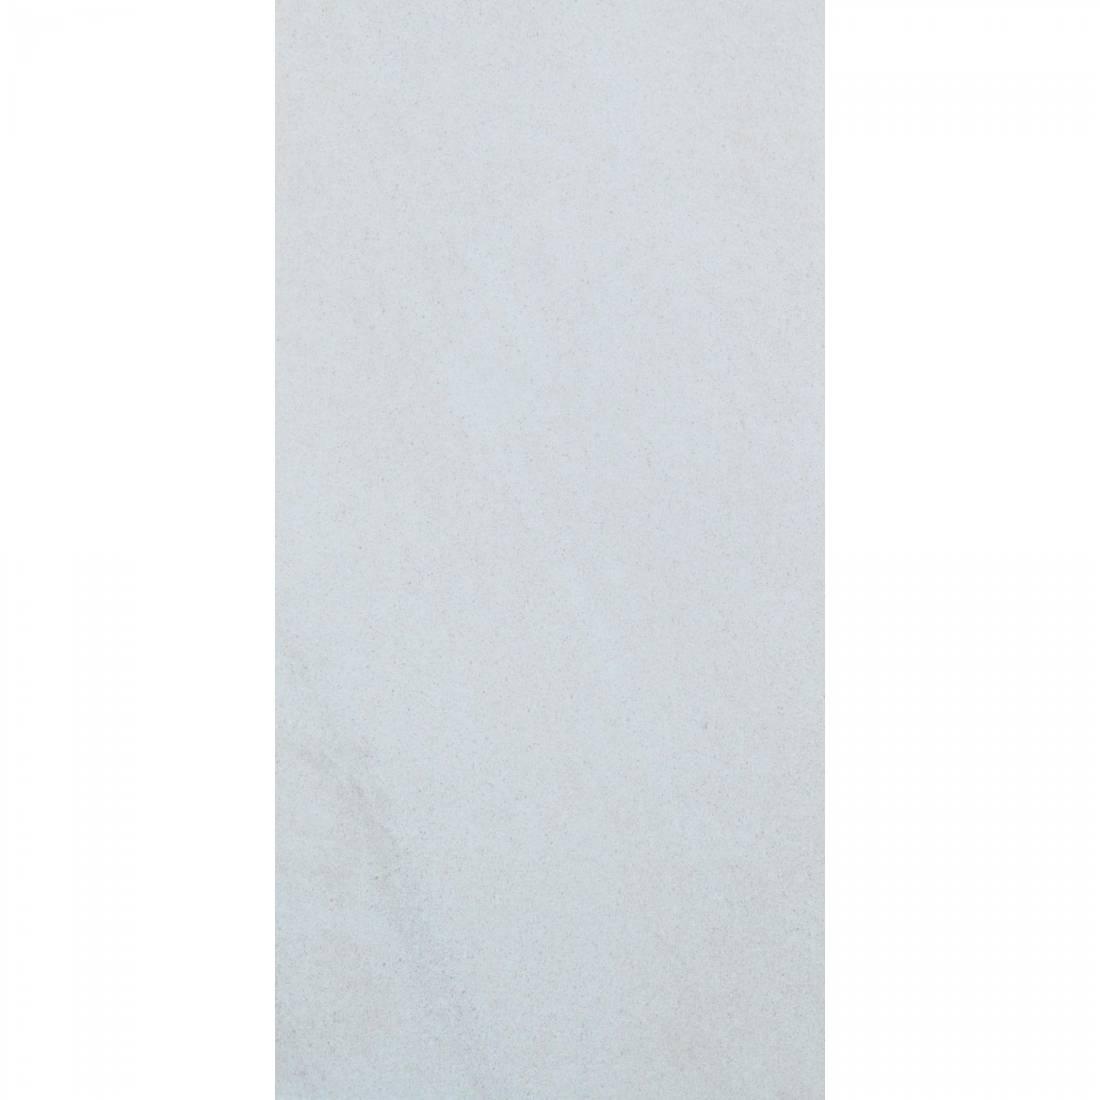 Dune 30x60 White Matt 1